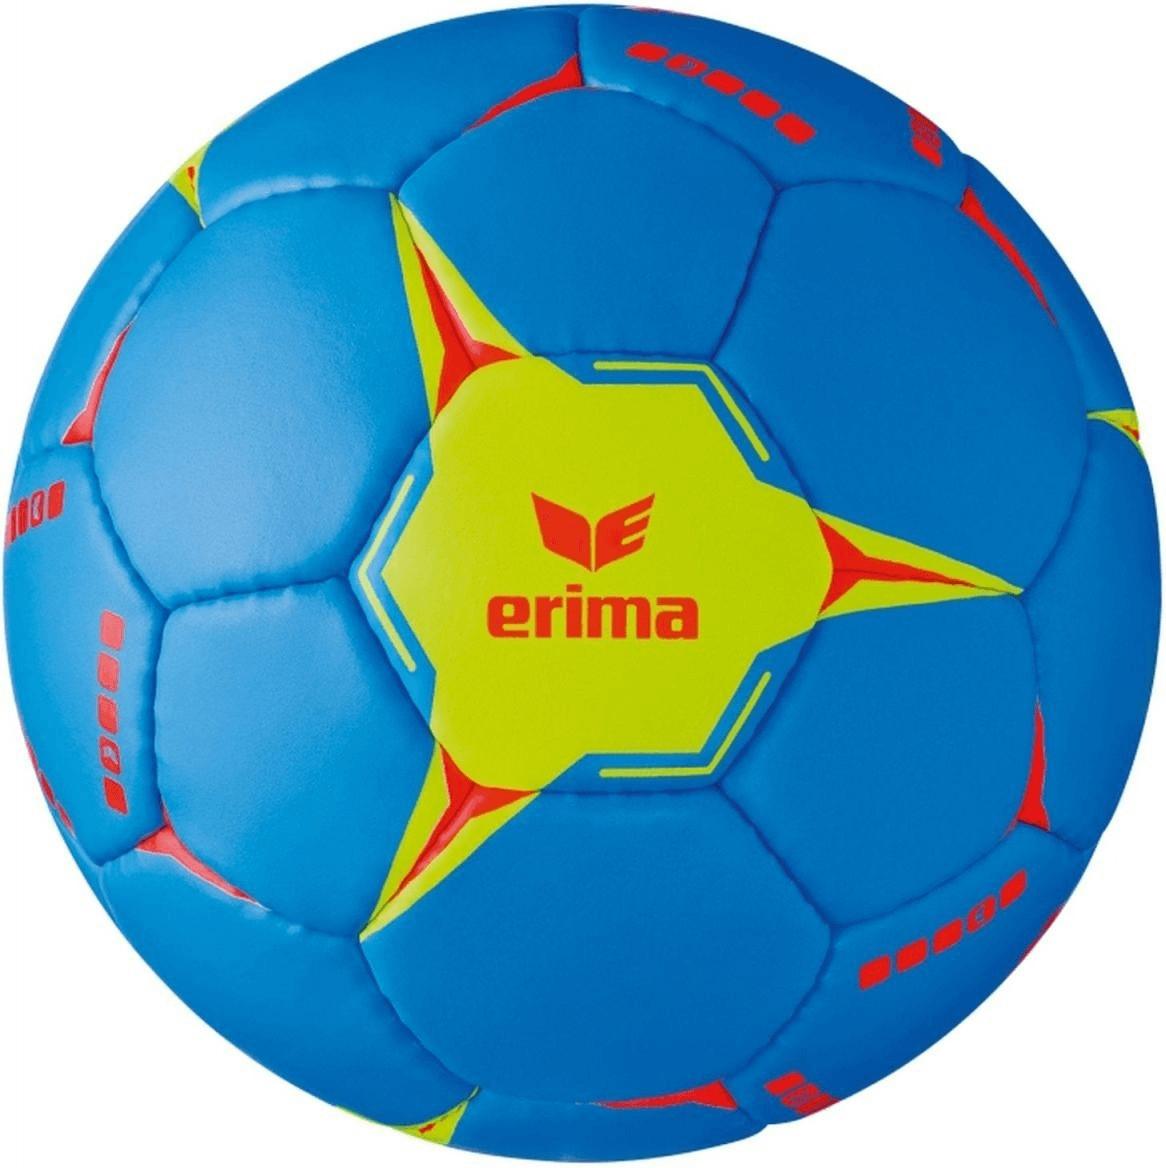 Erima G13 2.0 (Größe 3) (2017)